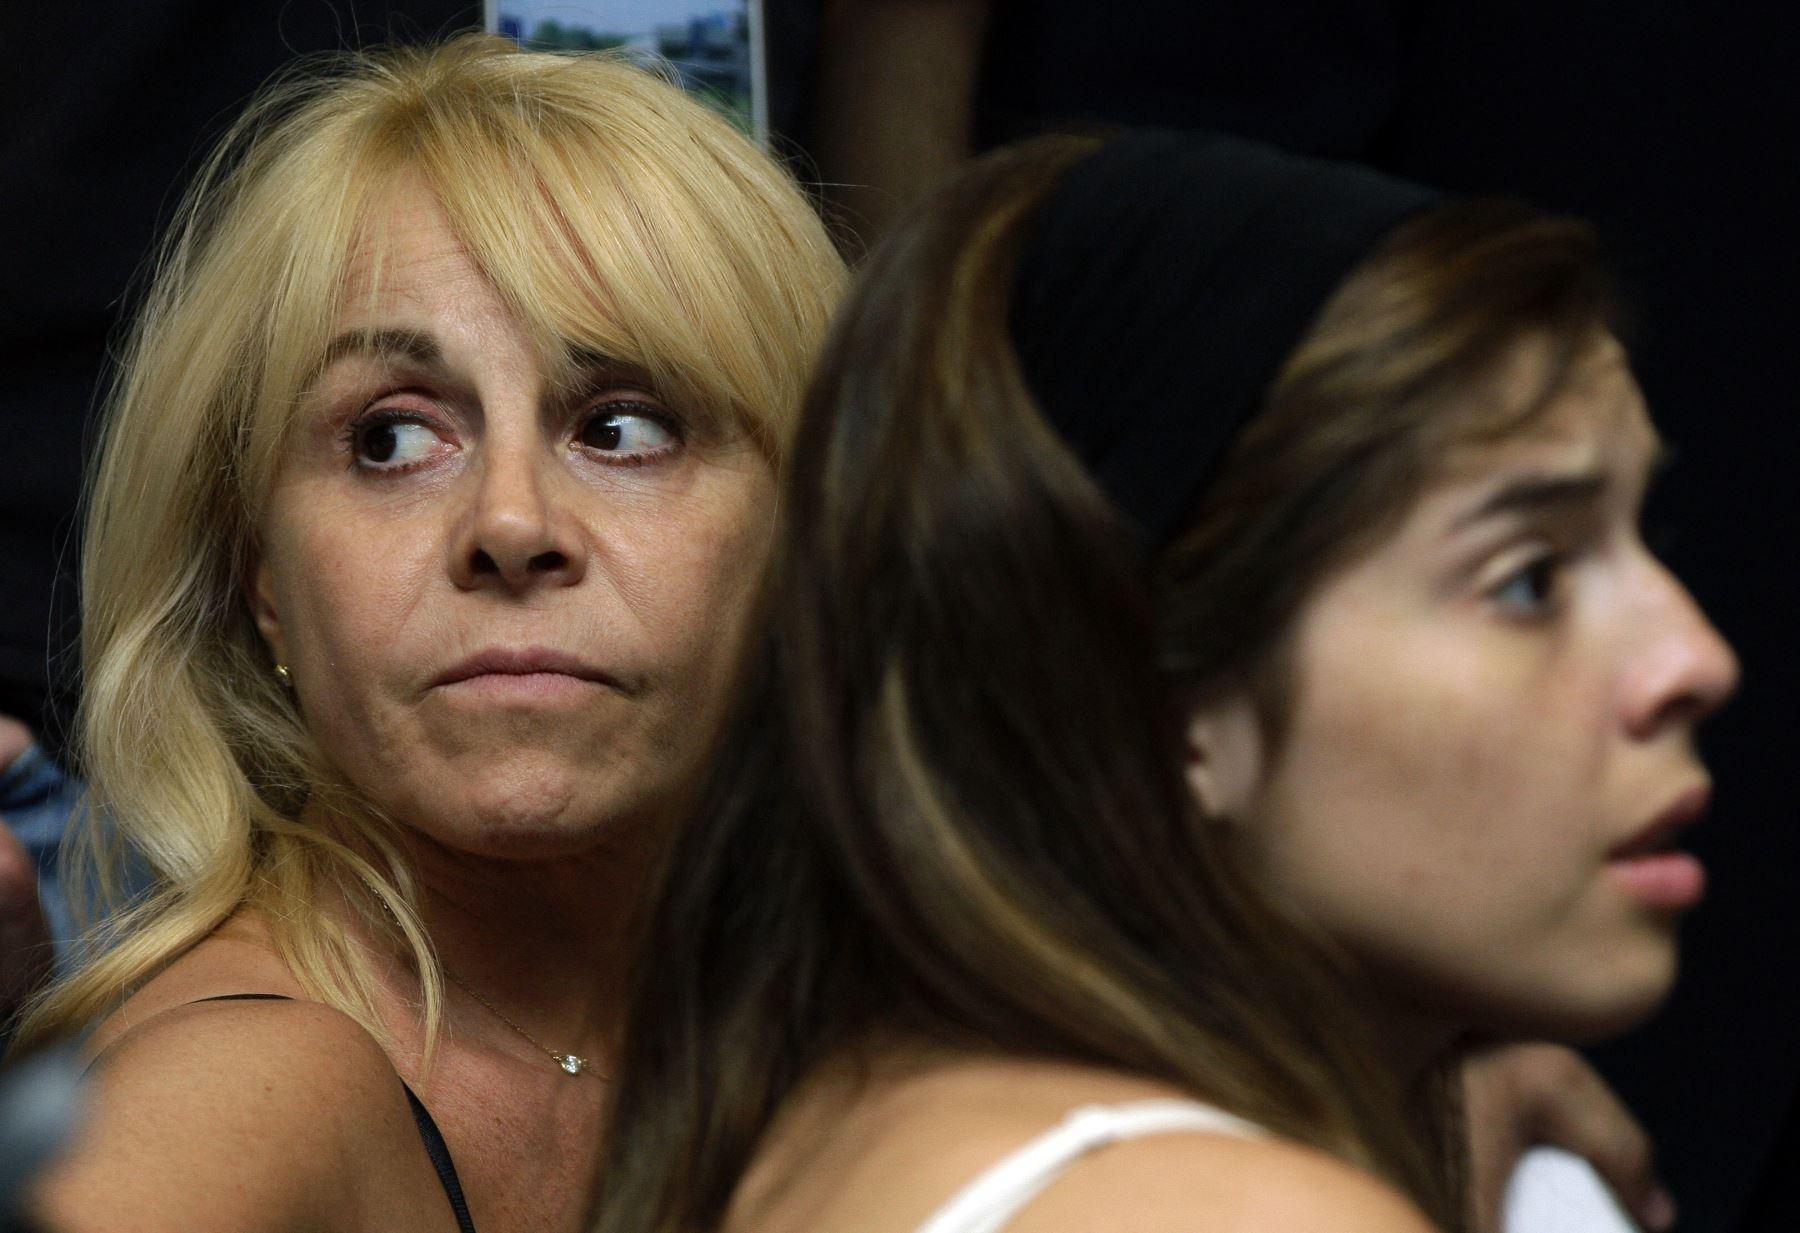 La exesposa de Maradona dijo que tenía una buena relación con el campeón del mundo, a pesar del enfrentamiento judicial que tenían por cuestiones económicas. Foto: AFP